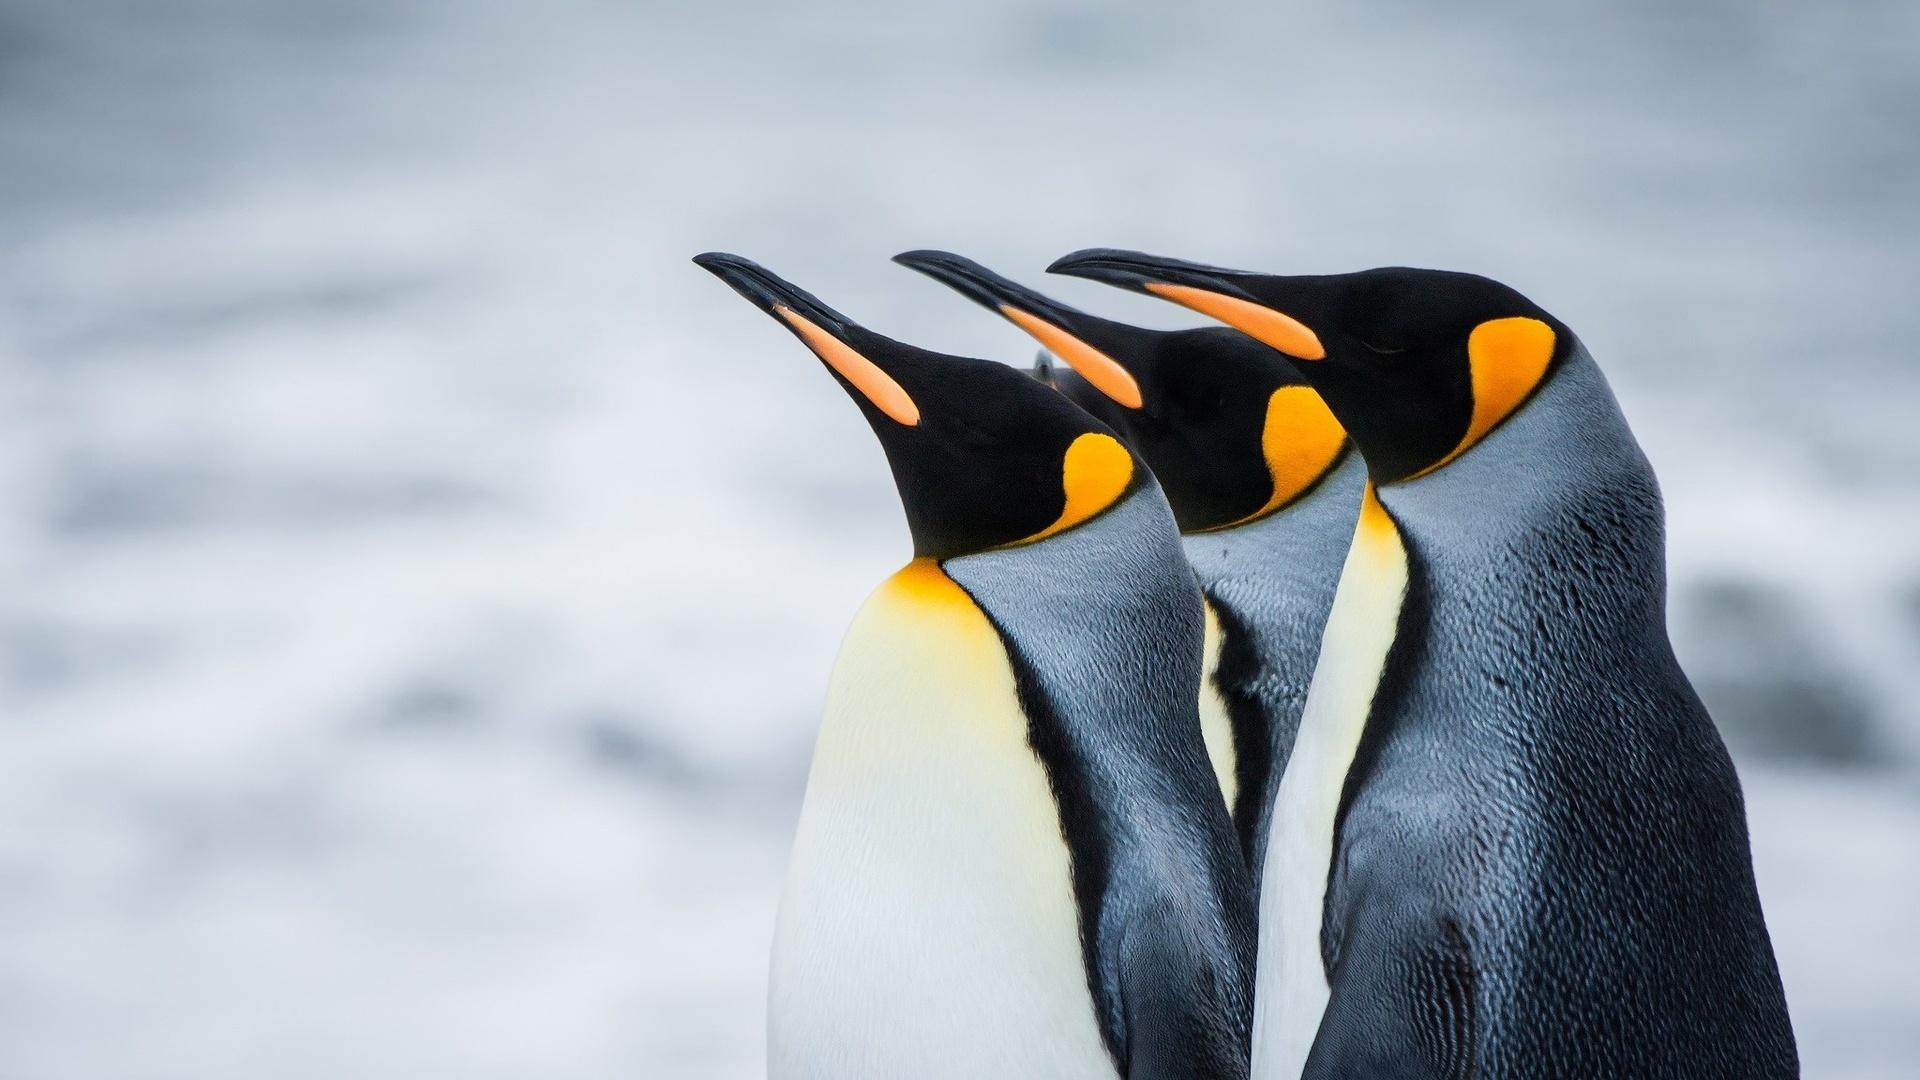 пингвин красивая картинка помощник выборе